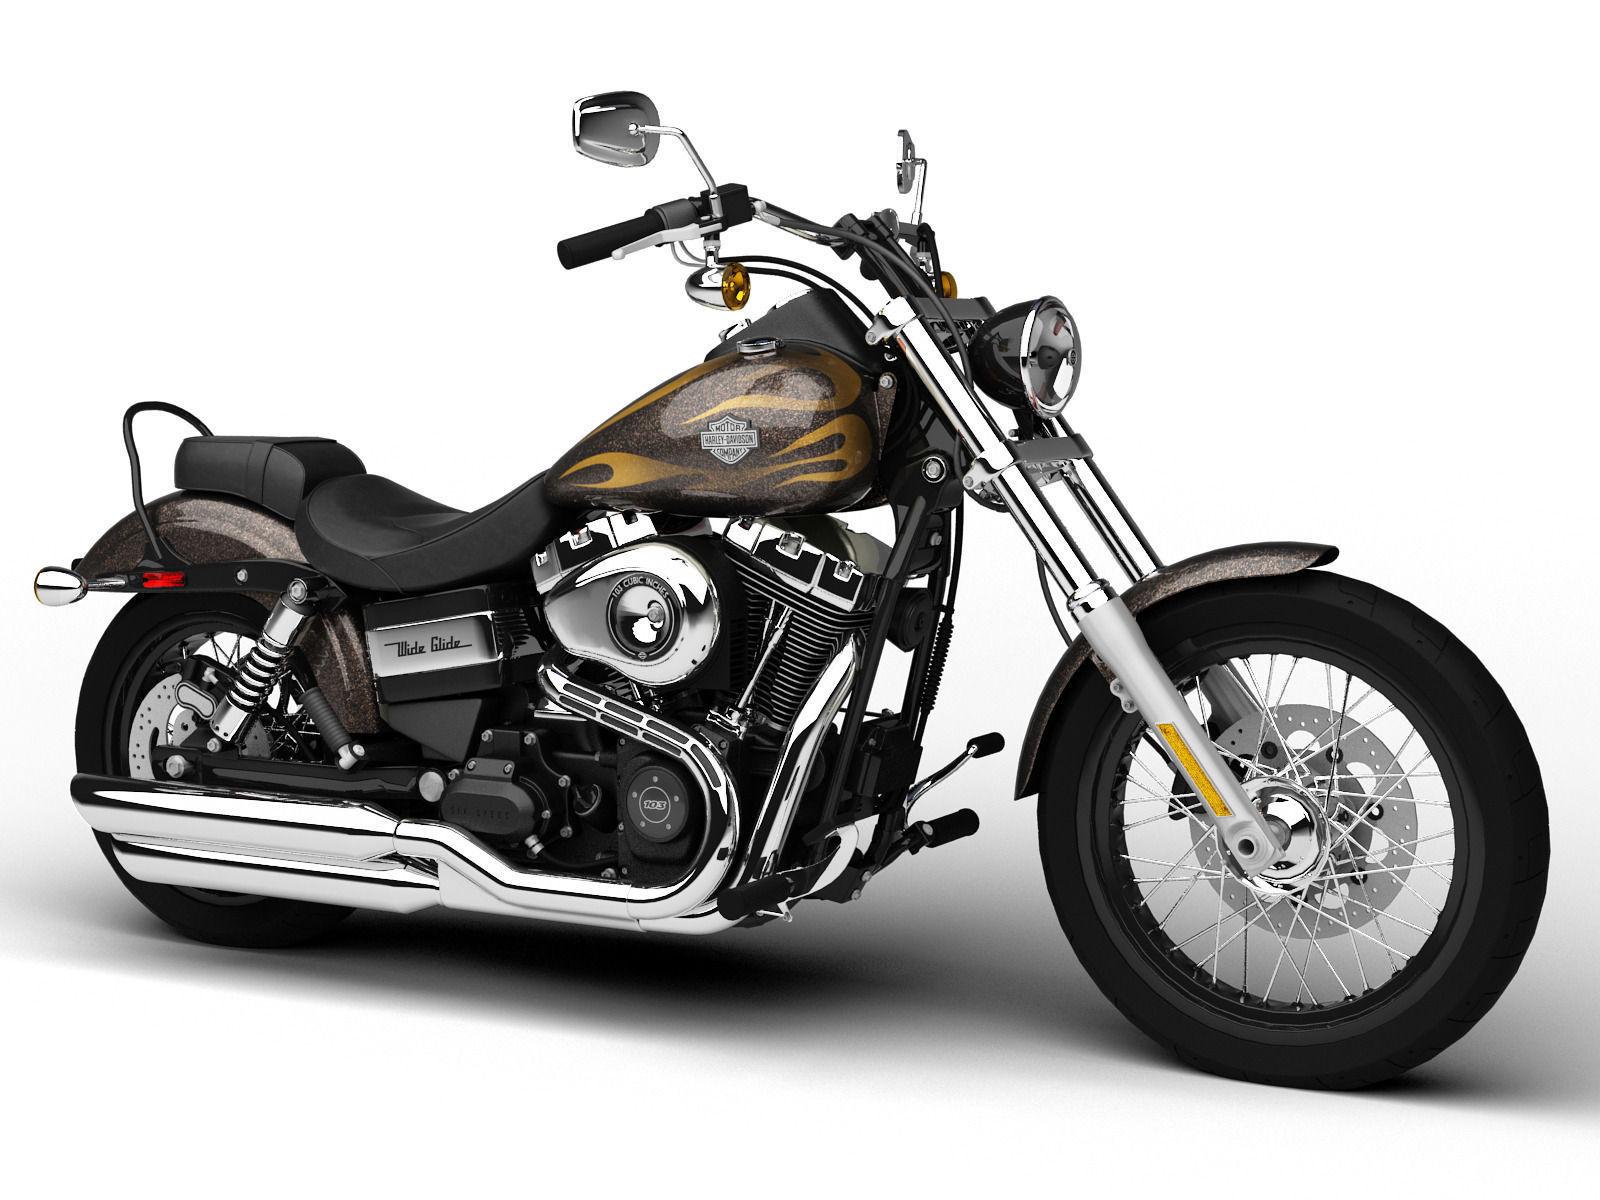 Harley-Davidson FXDWG Dyna Wide Glide 2015 3D model MAX OBJ 3DS FBX ...